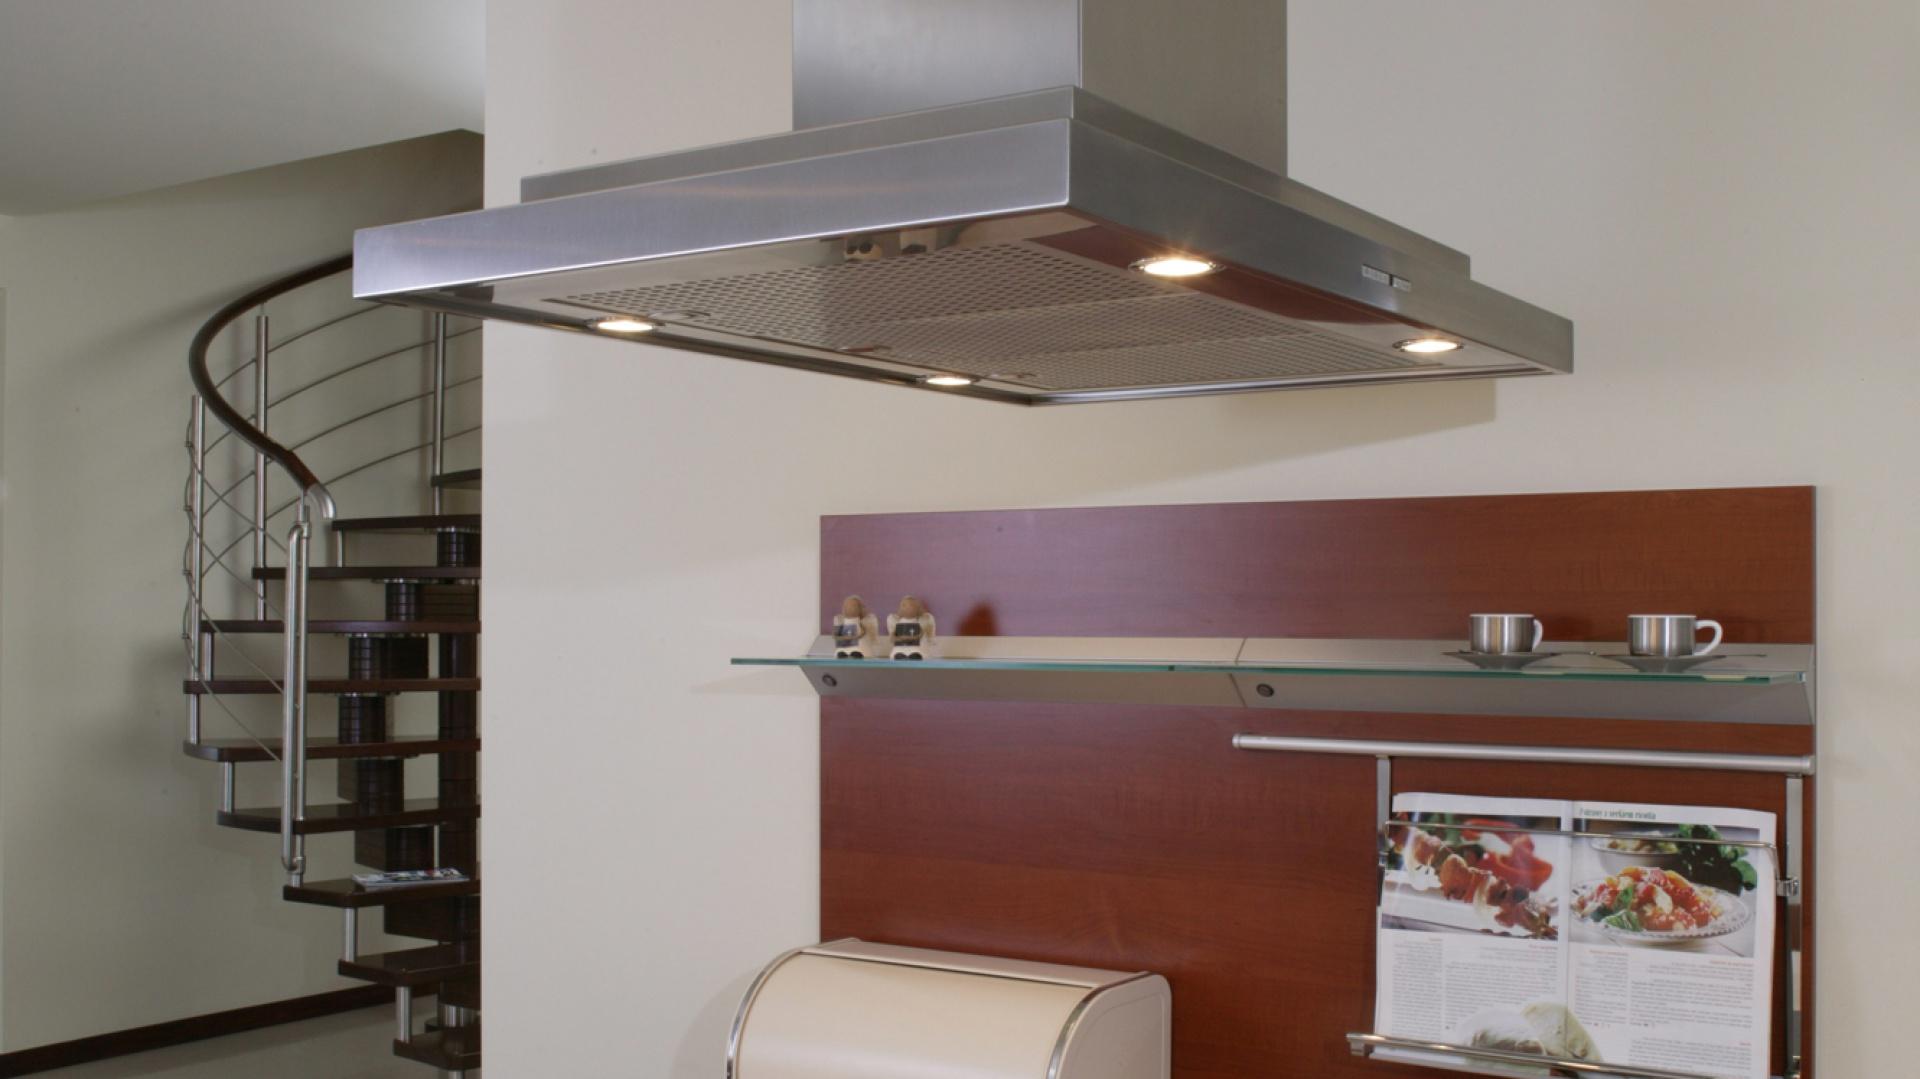 Półwysep kuchenny to sfera gotowania. Na ścianie obok, płyta meblowa z podświetlaną szklaną półką na przyprawy lub inne akcesoria, oraz wygodny uchwyt na książkę kucharską. Fot. Monika Filipiuk.